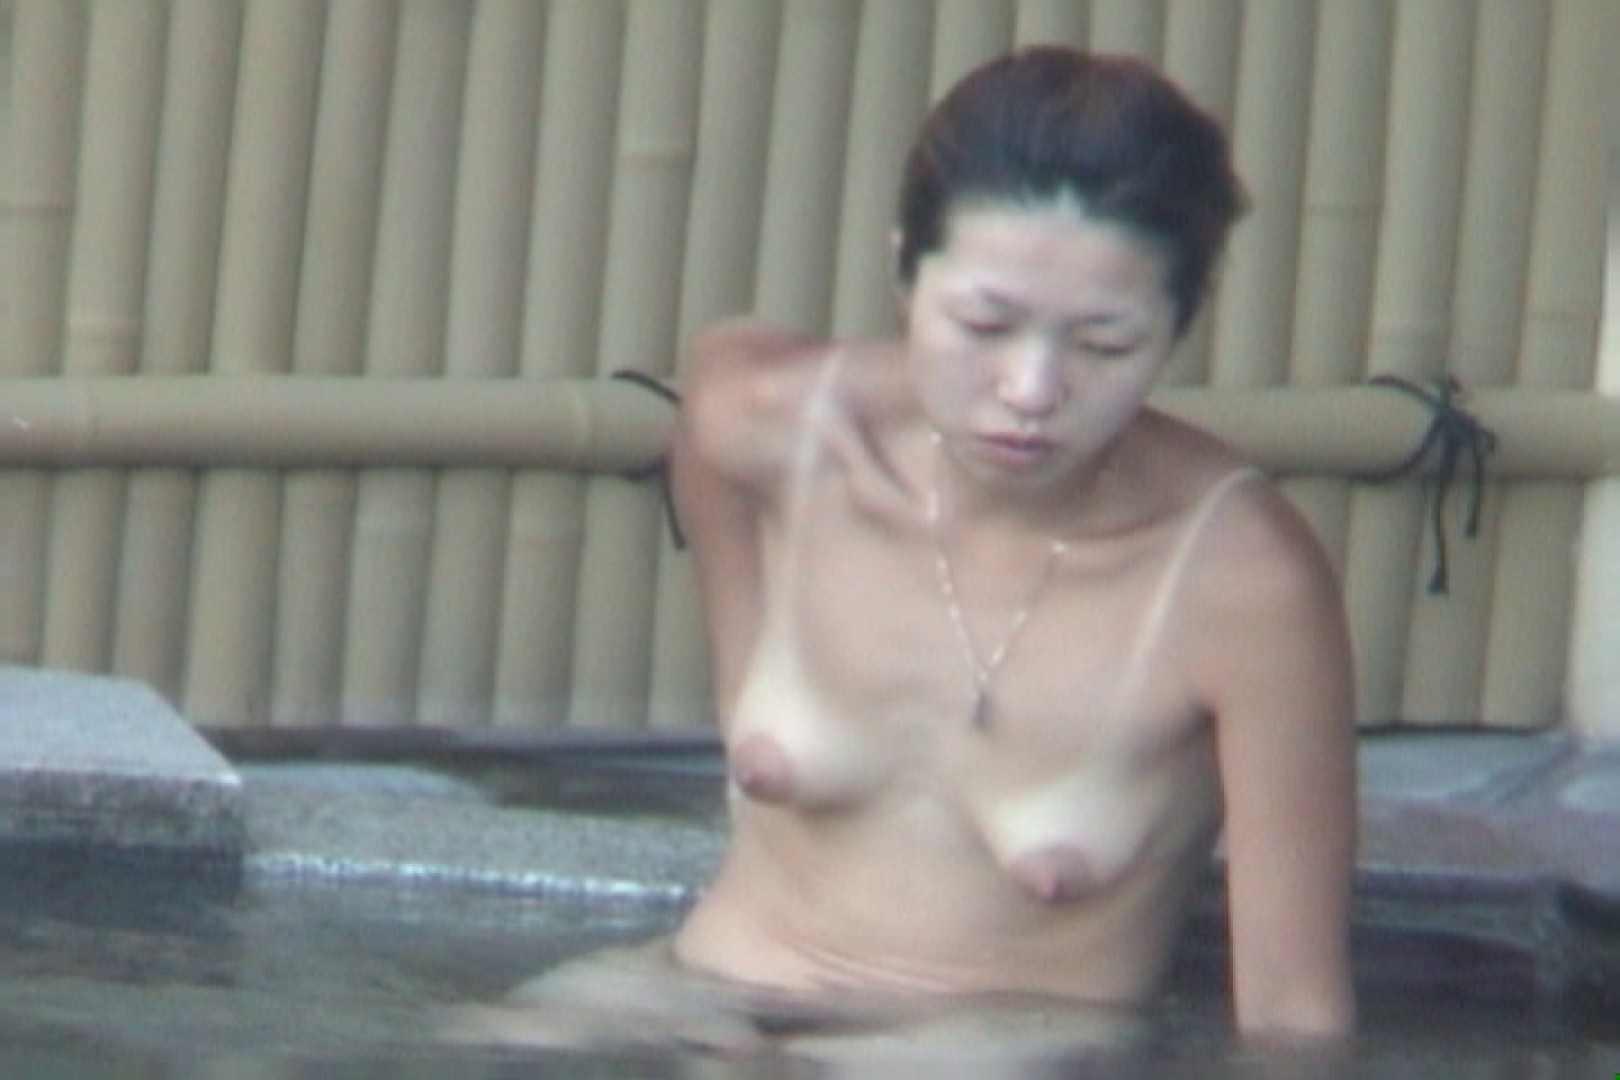 Aquaな露天風呂Vol.571 美しいOLの裸体  99pic 9